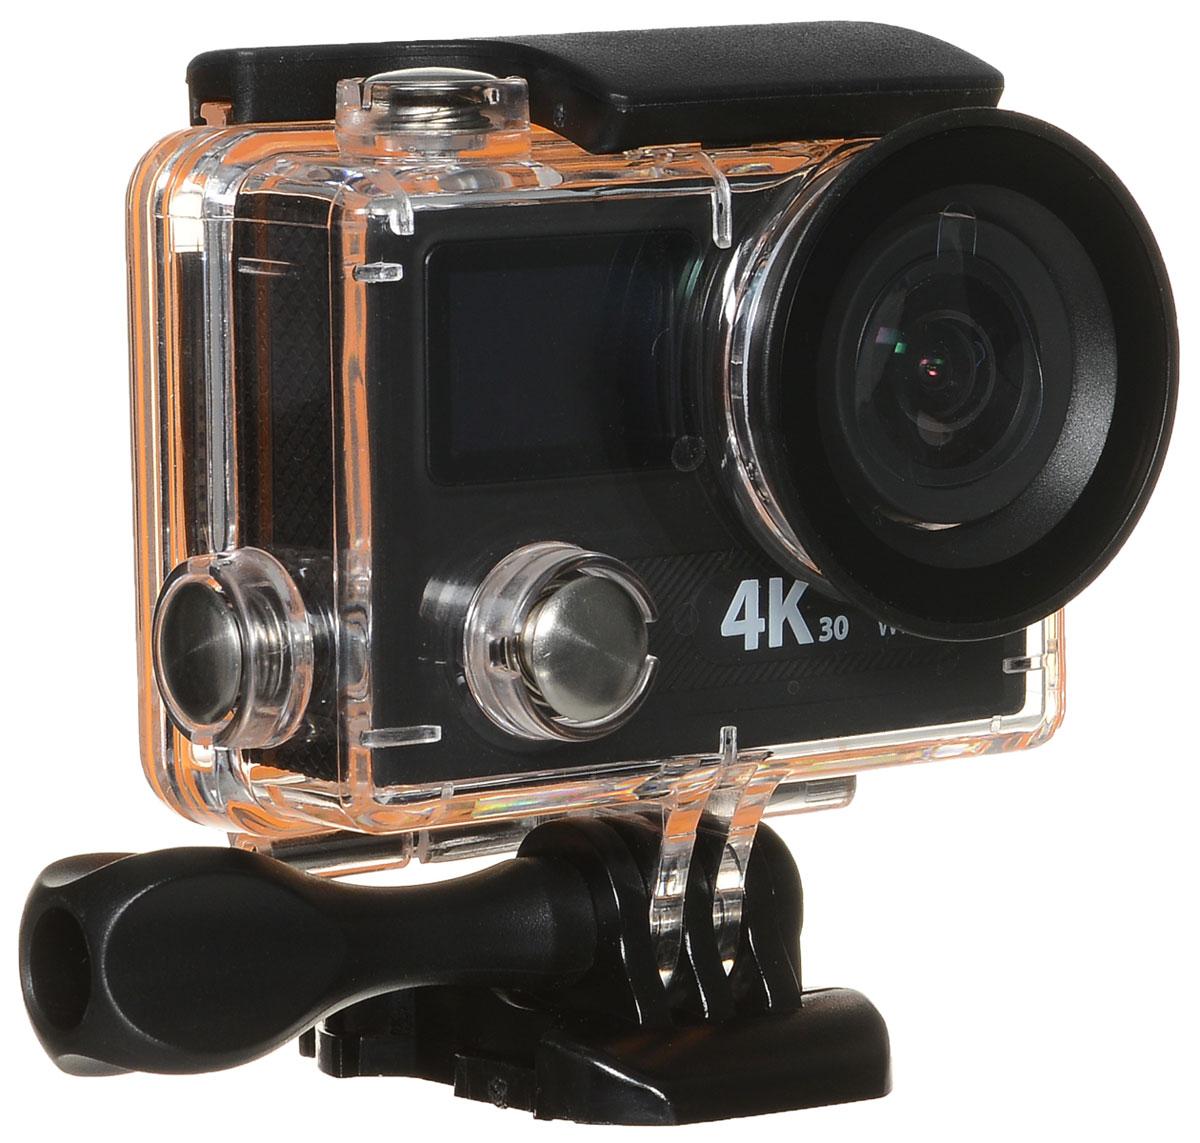 Eken H8 PRO Ultra HD экшн камера, черная - Цифровые видеокамеры